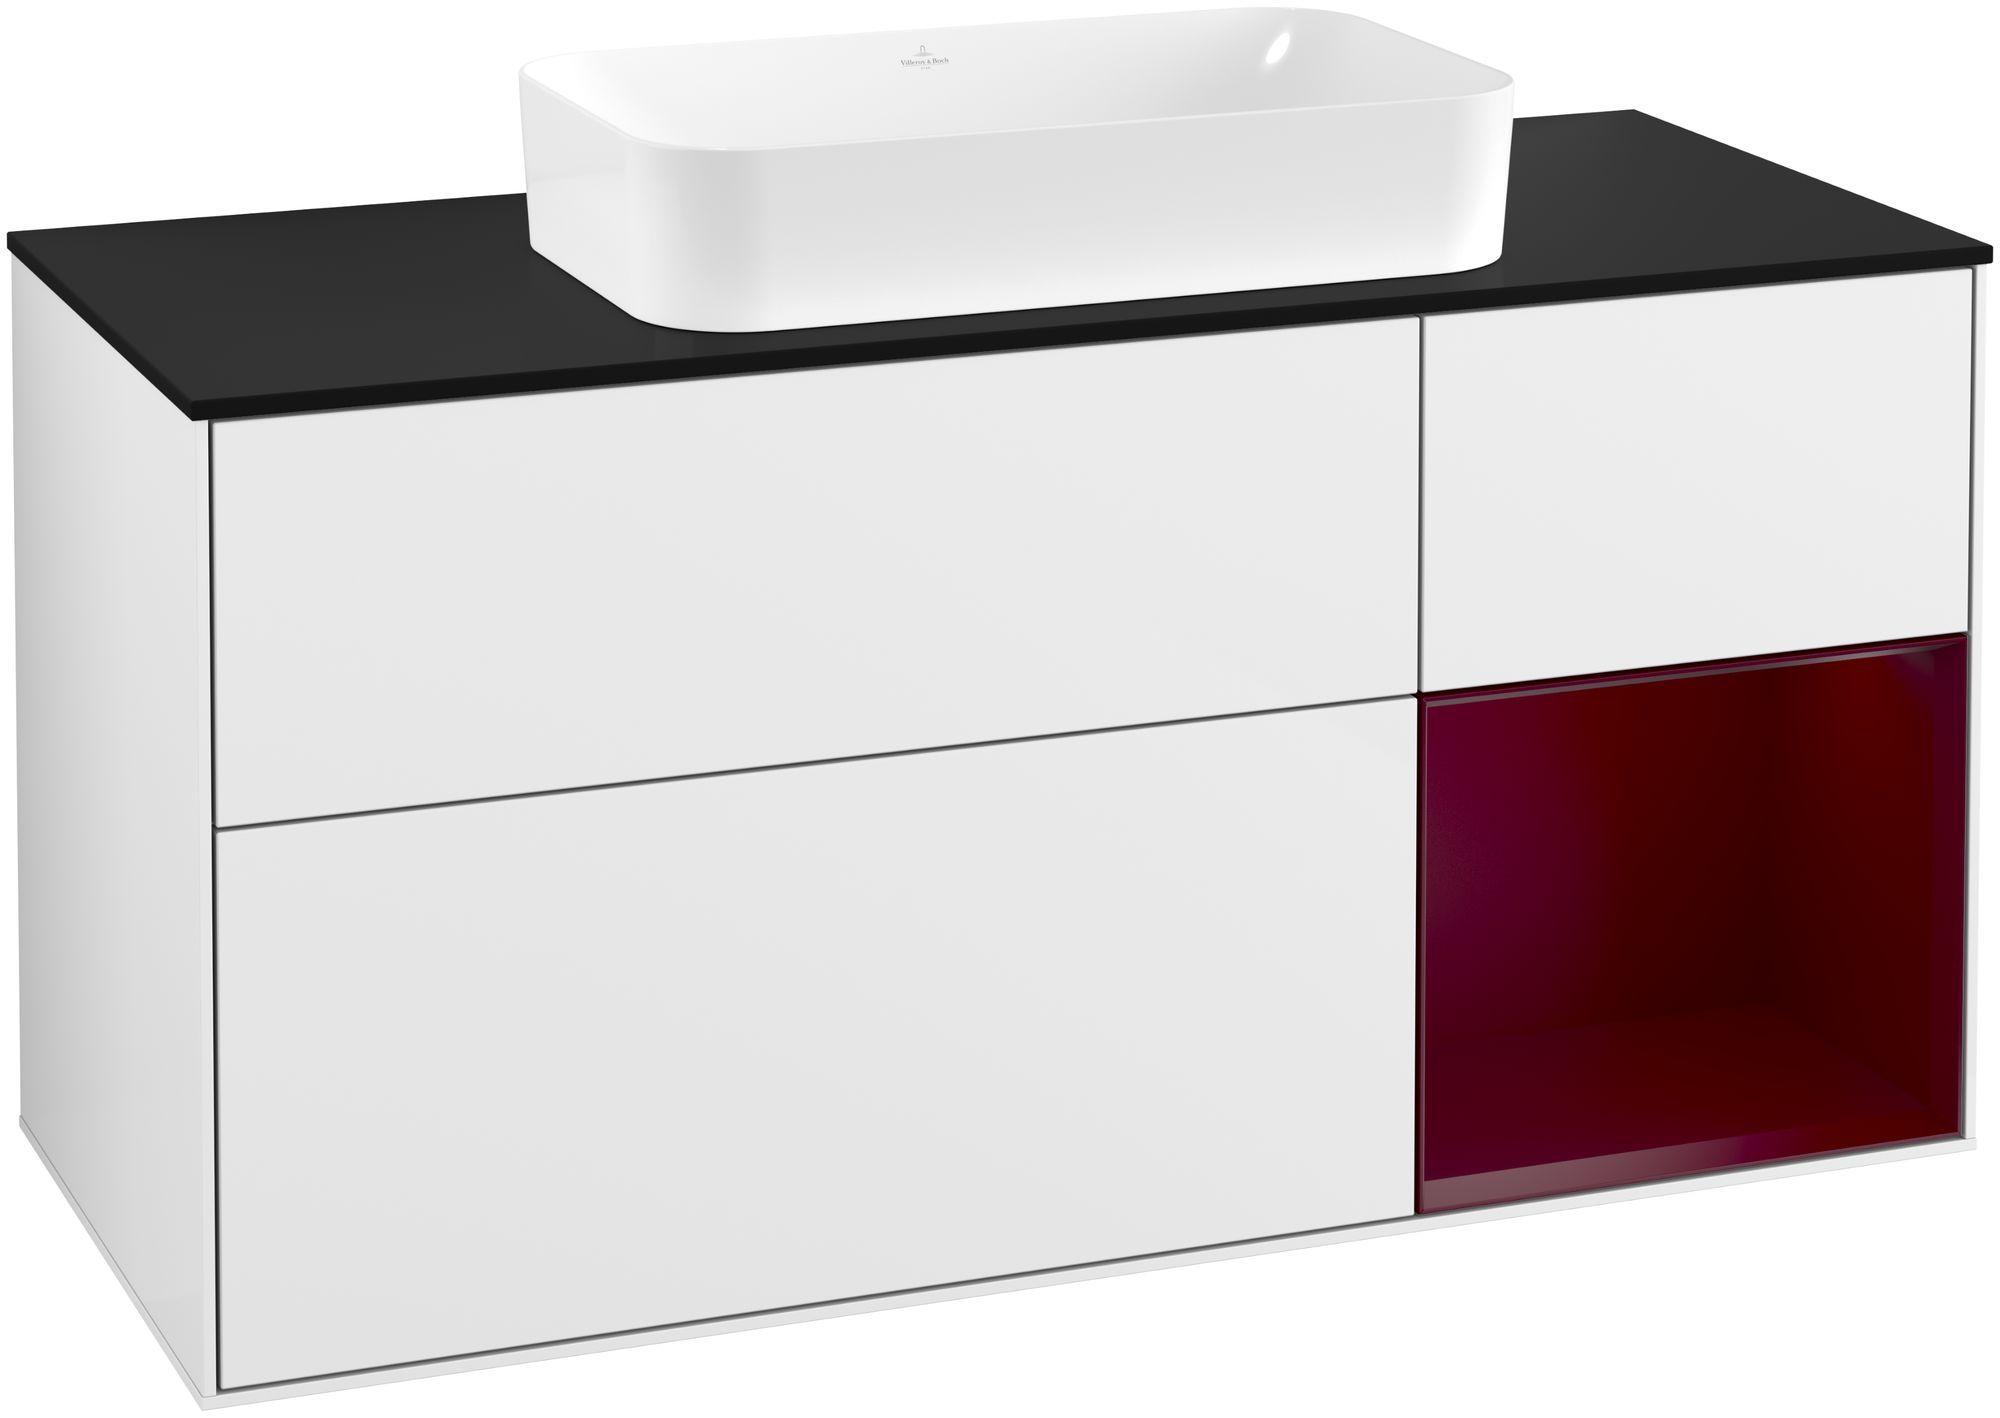 Villeroy & Boch Finion G30 Waschtischunterschrank mit Regalelement 3 Auszüge Waschtisch mittig LED-Beleuchtung B:120xH:60,3xT:50,1cm Front, Korpus: Glossy White Lack, Regal: Peony, Glasplatte: Black Matt G302HBGF